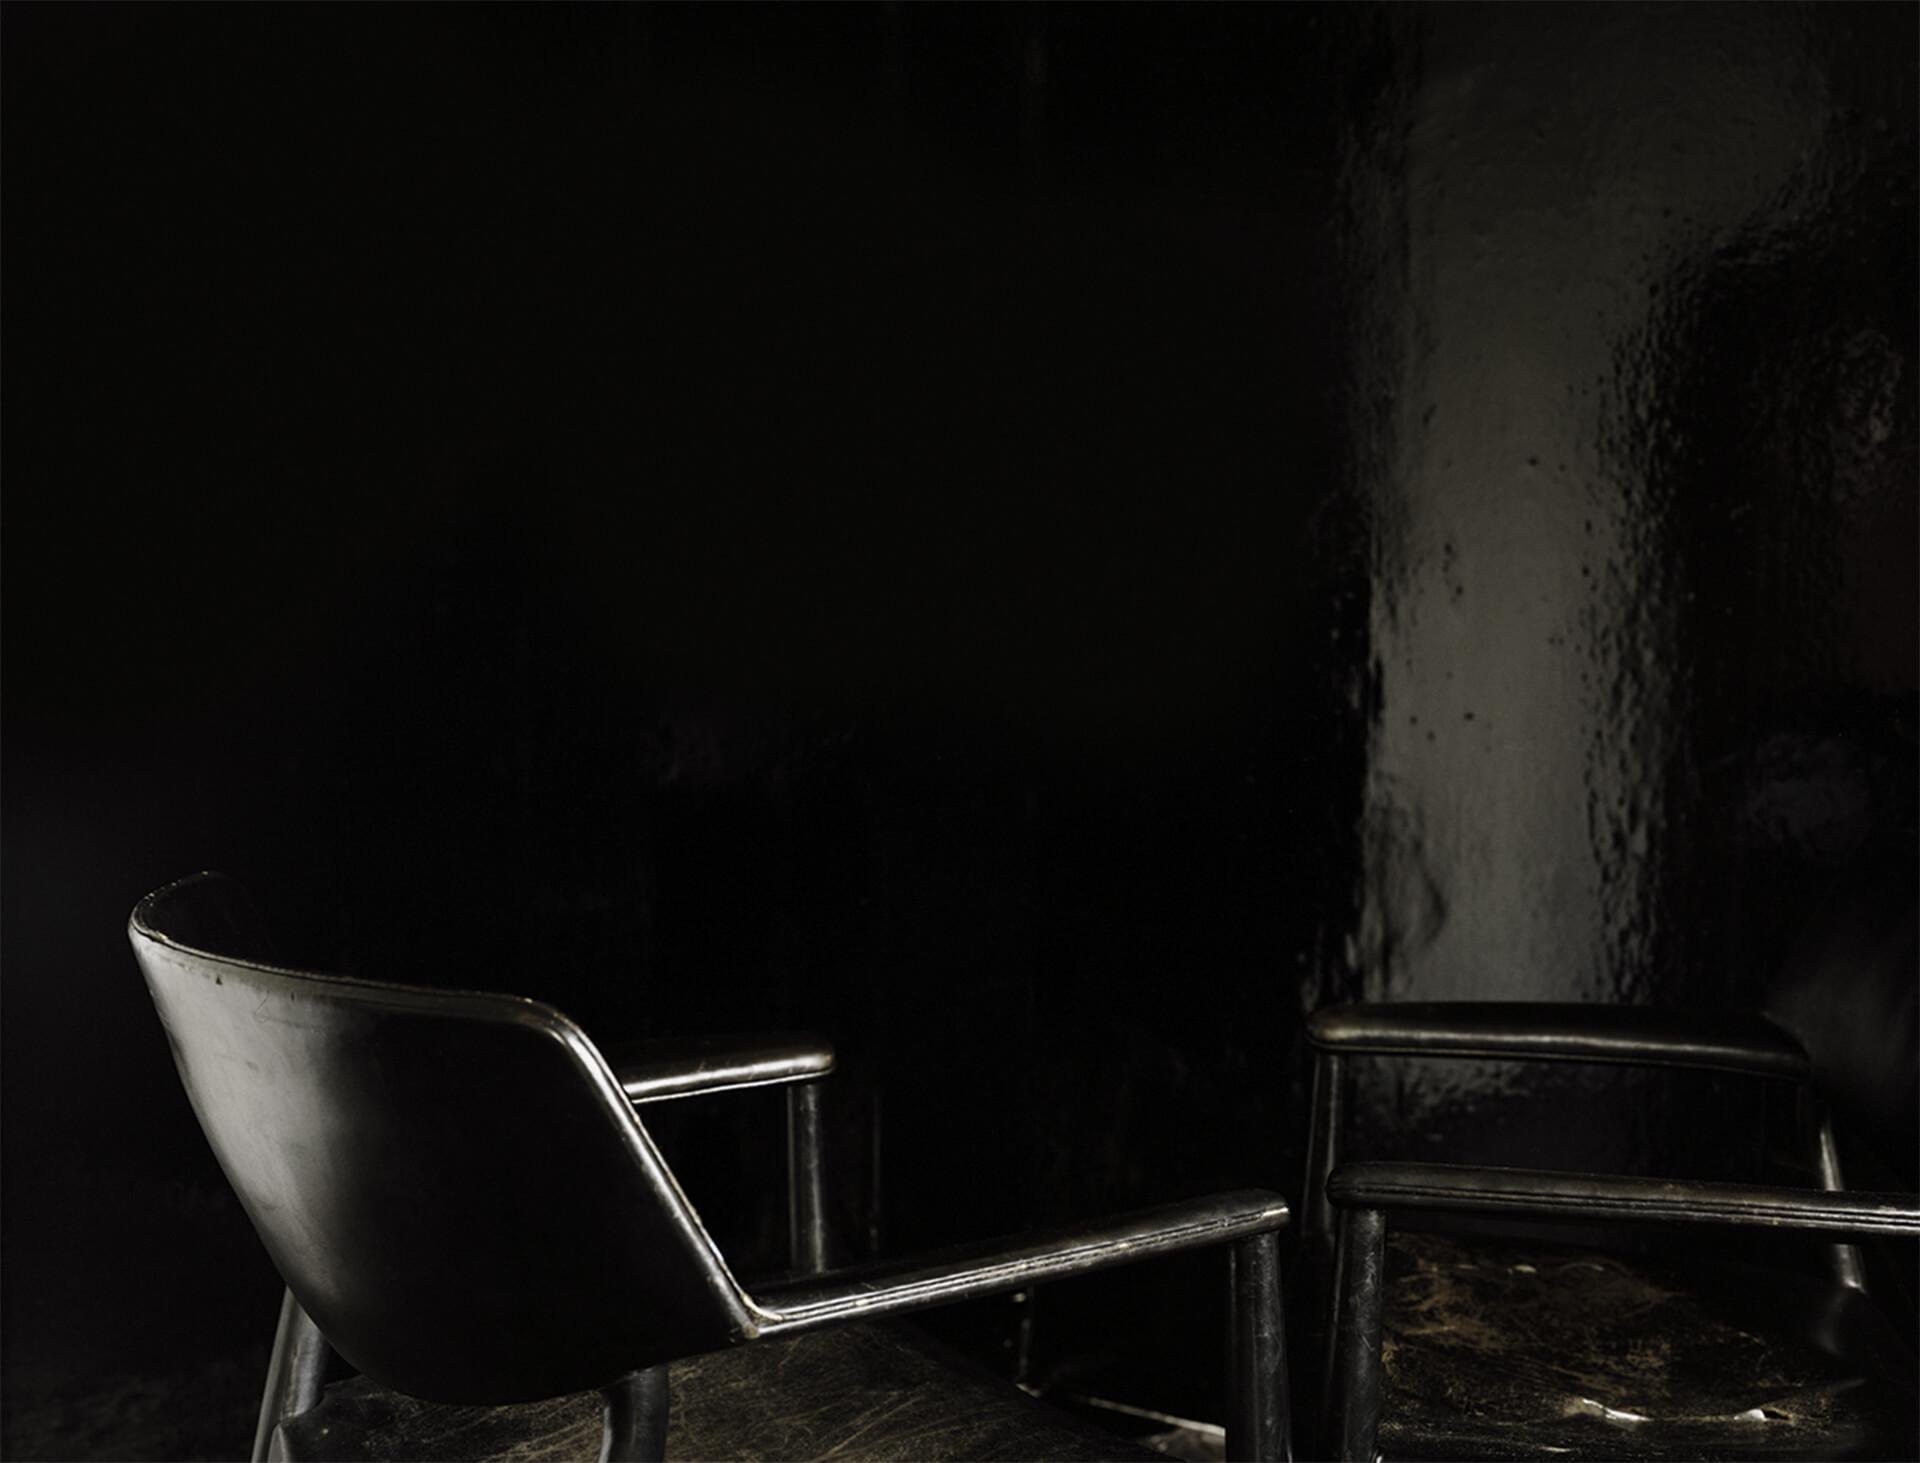 Pernille Koldbech Fich Black Chair Studies #4